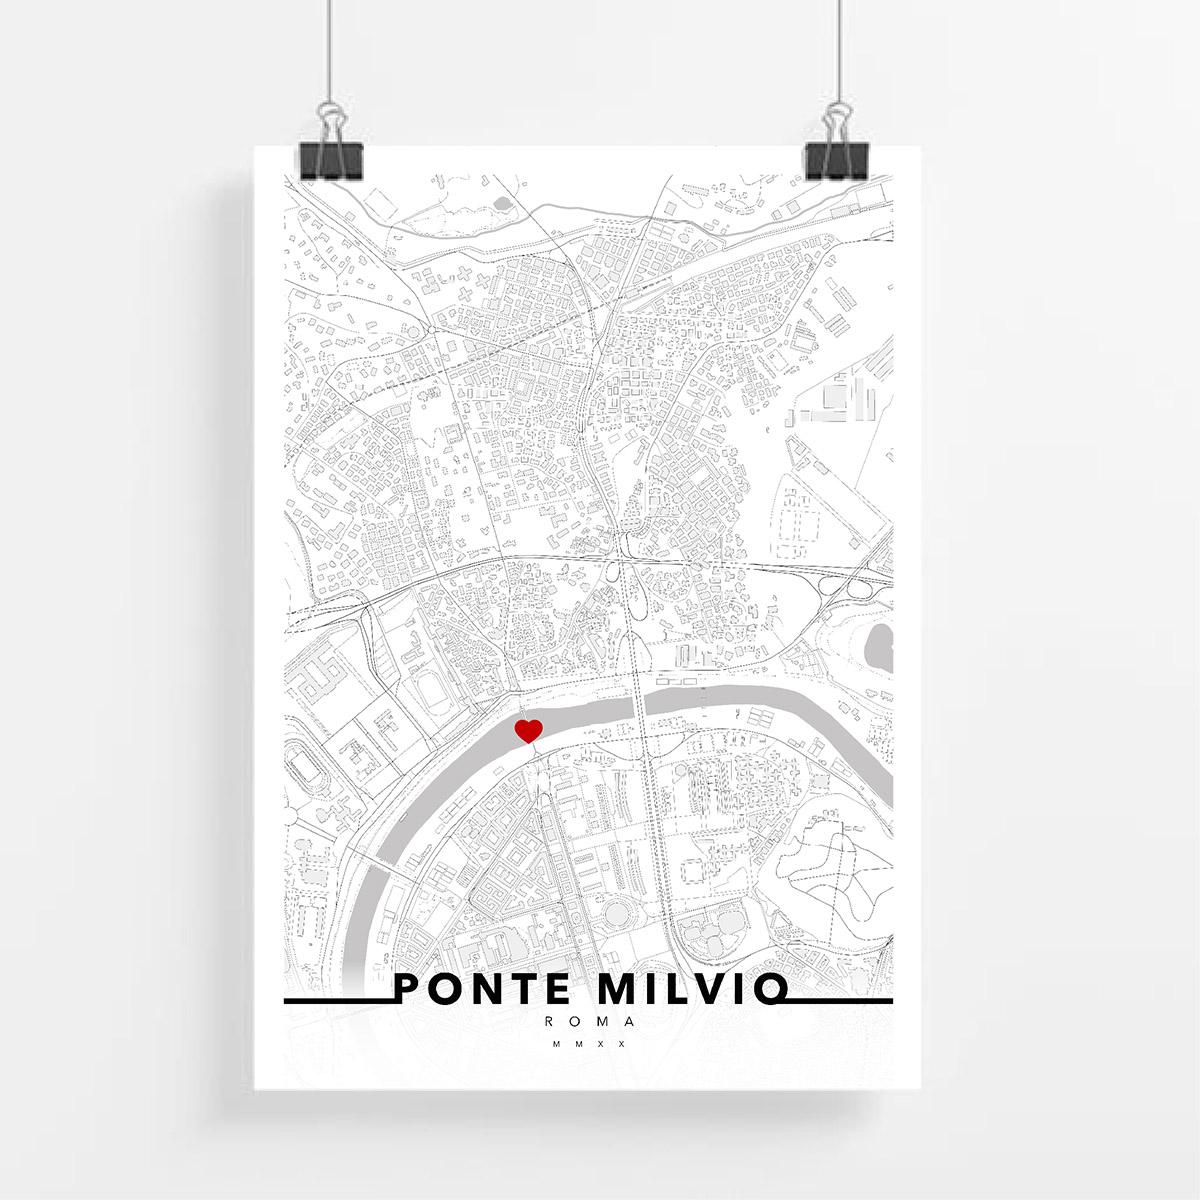 urbe mmxx mappa roma quartiere ponte milvio